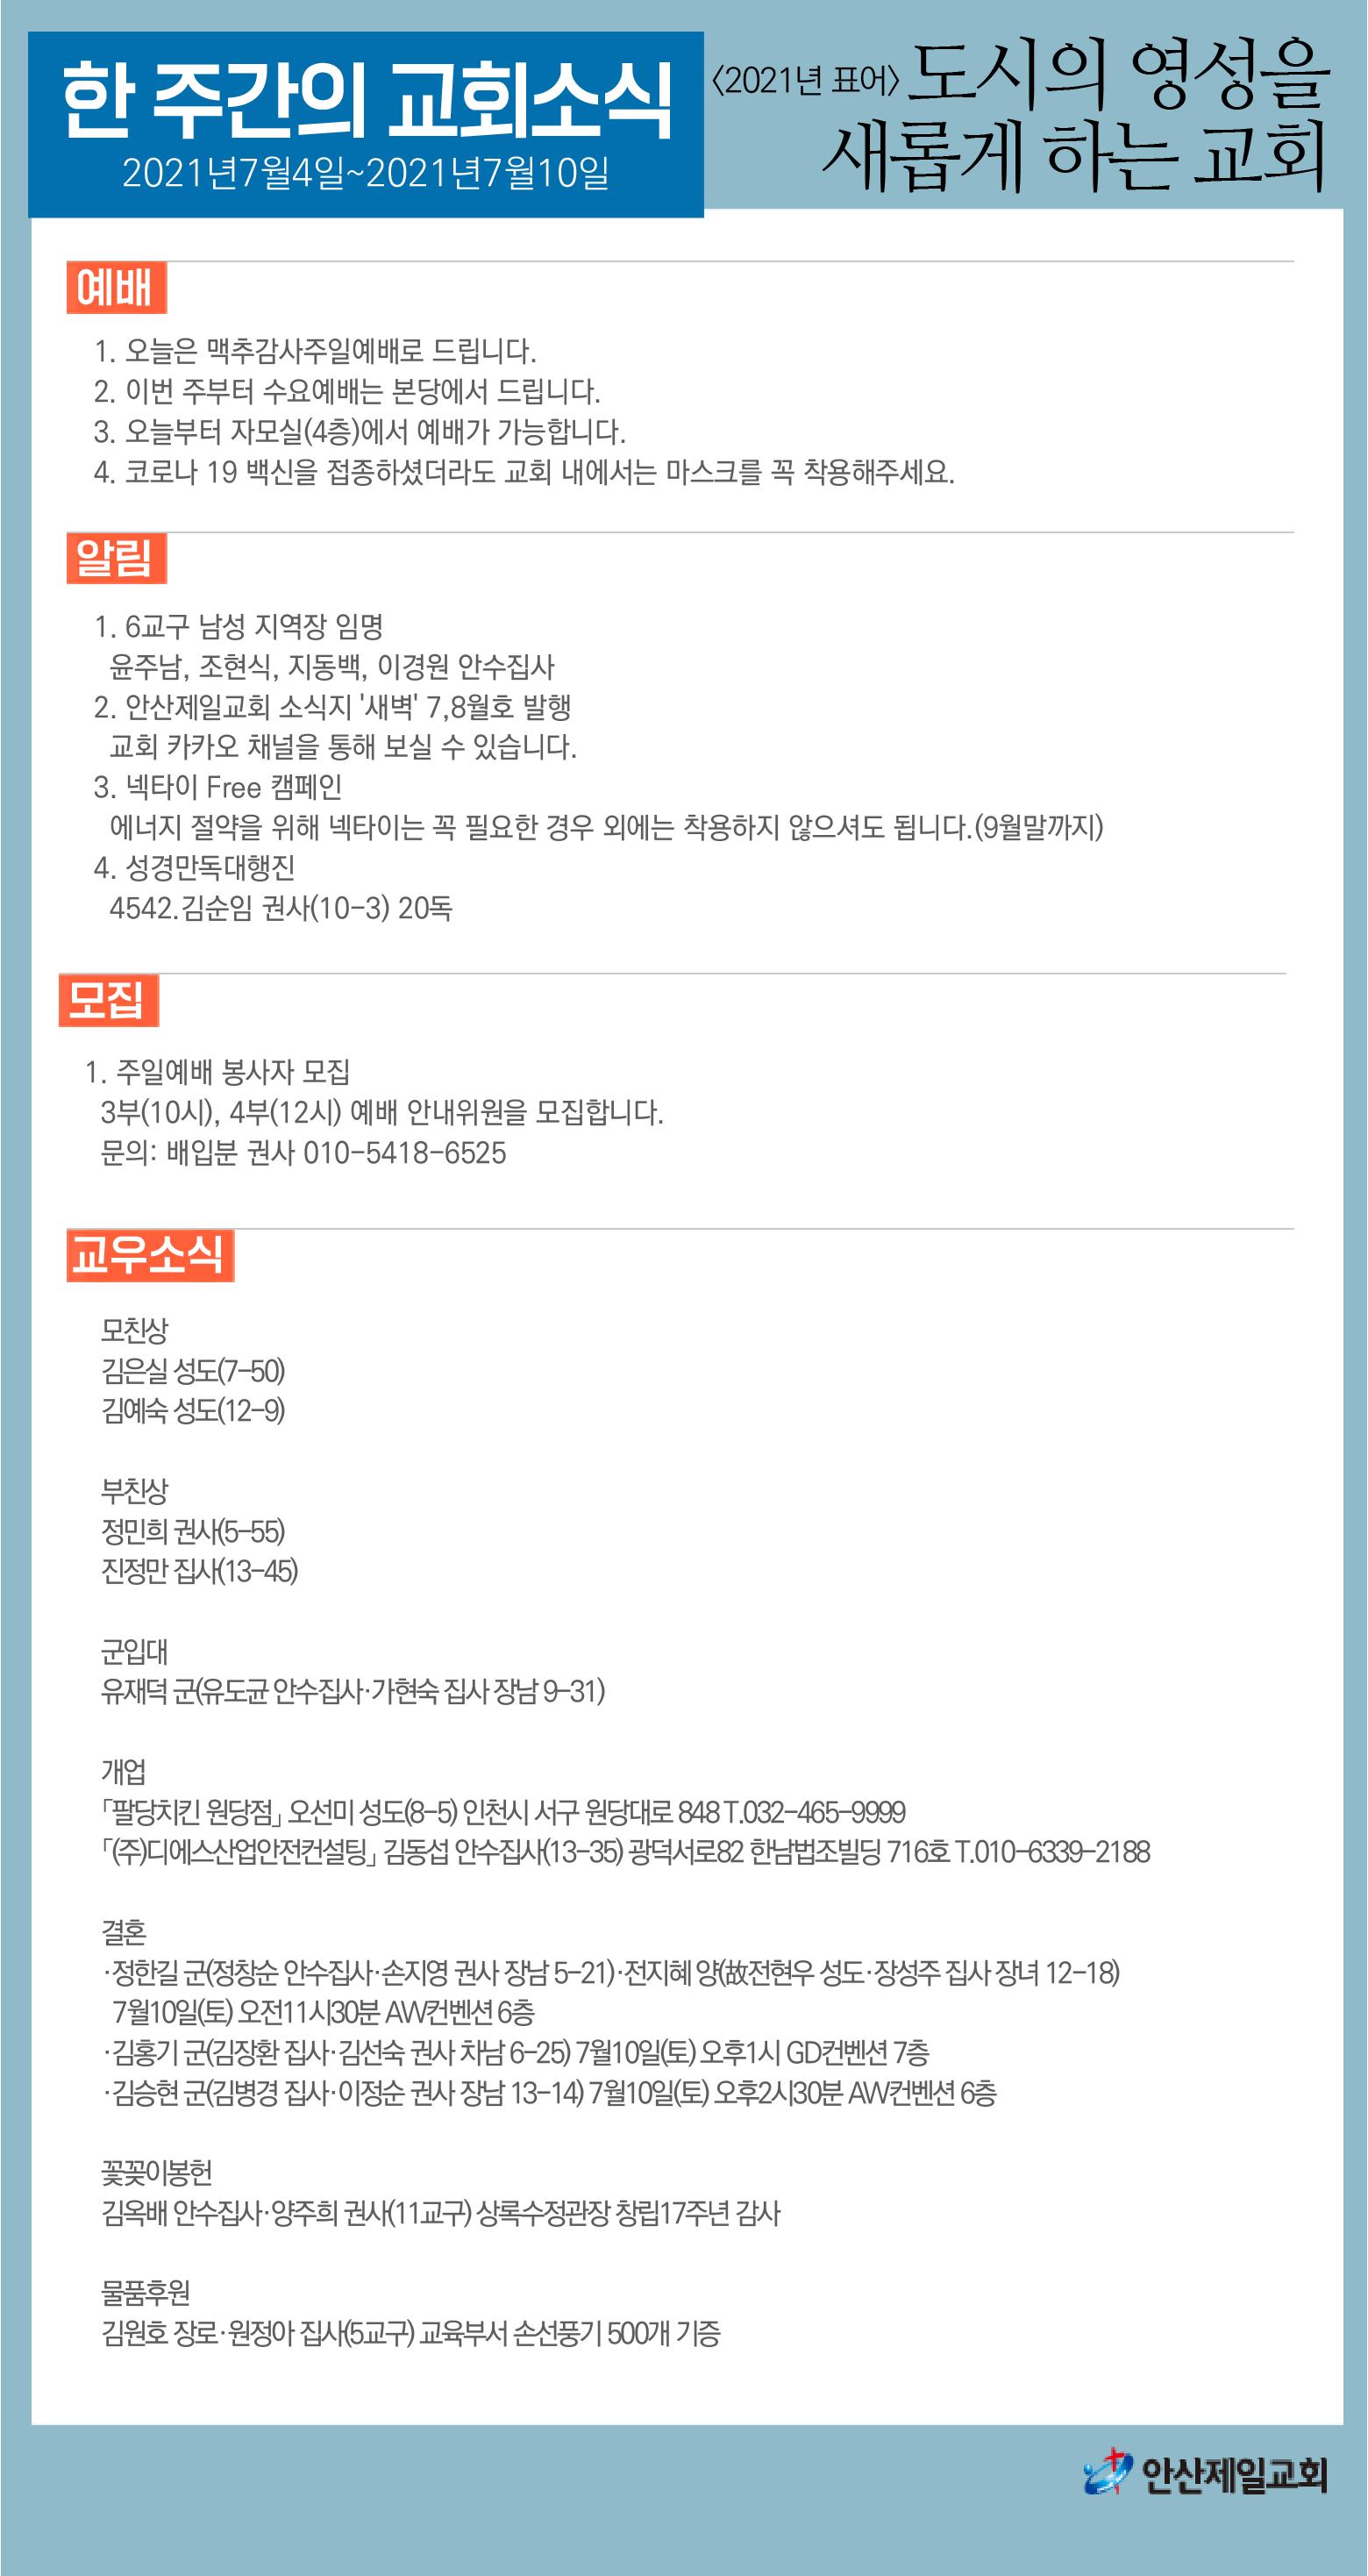 한주간소식(20210704)-01.png